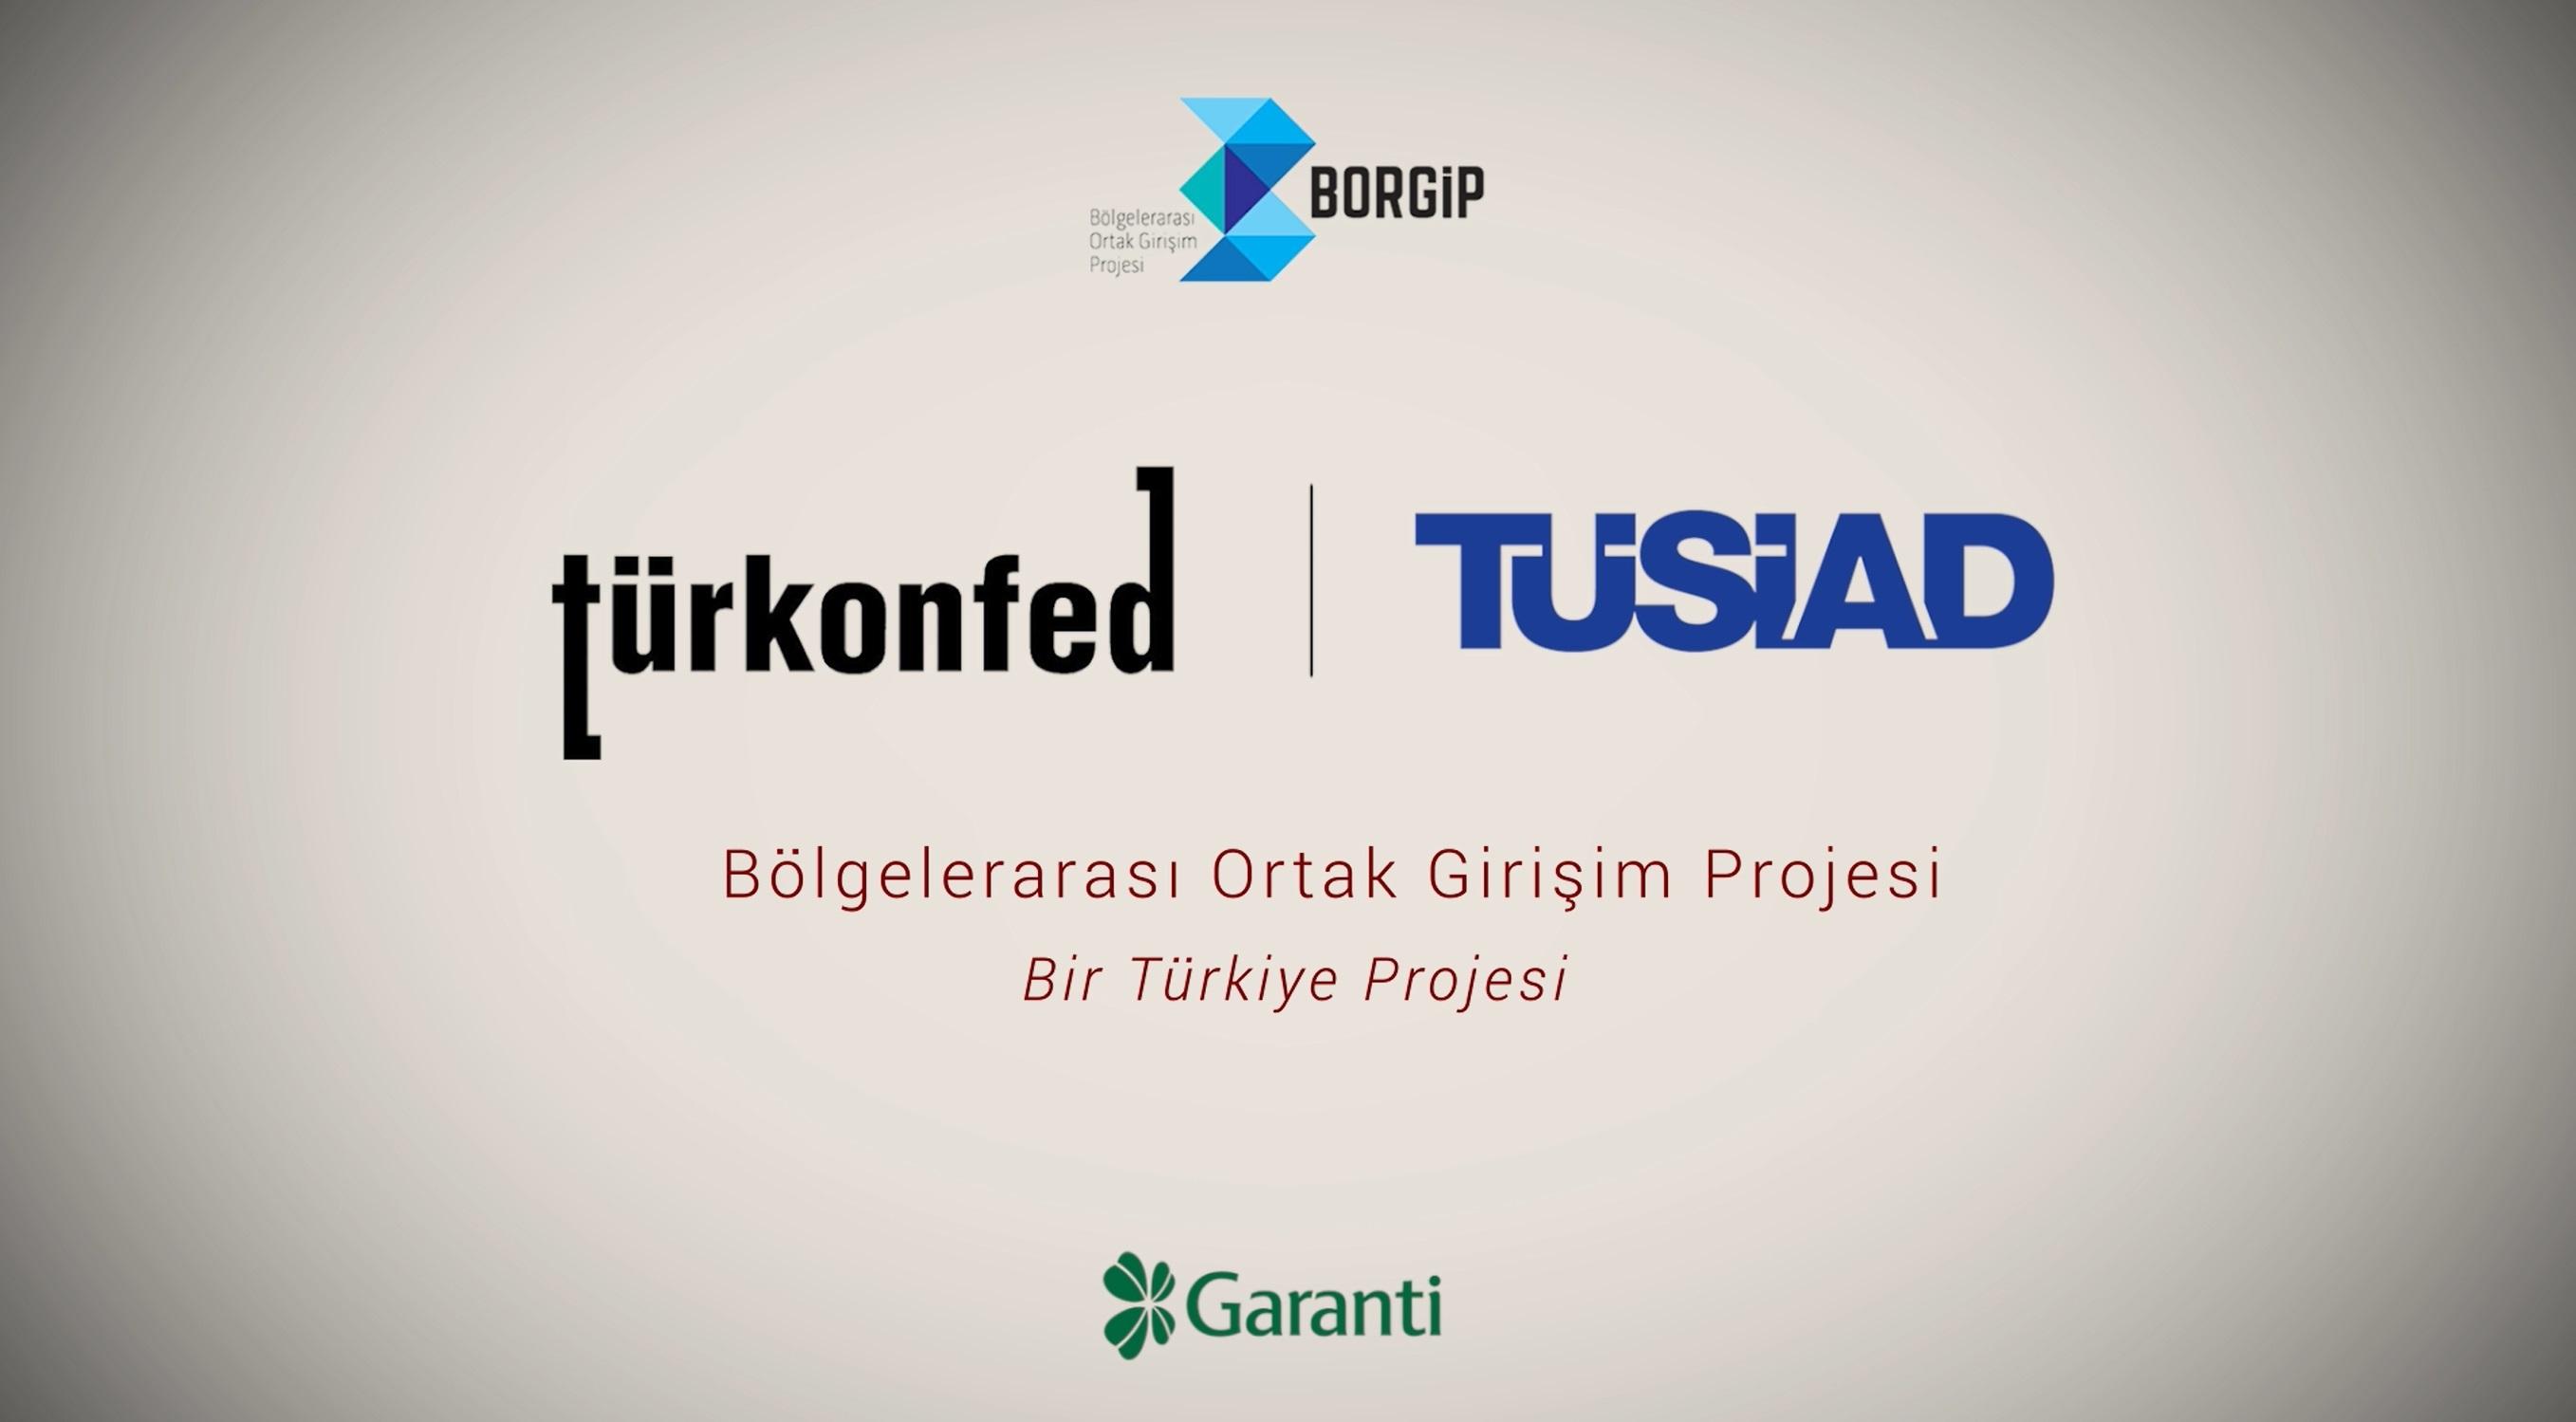 TÜRKONFED-TÜSİAD BORGİP Tanıtım Filmi 3-Bir Türkiye Projesi